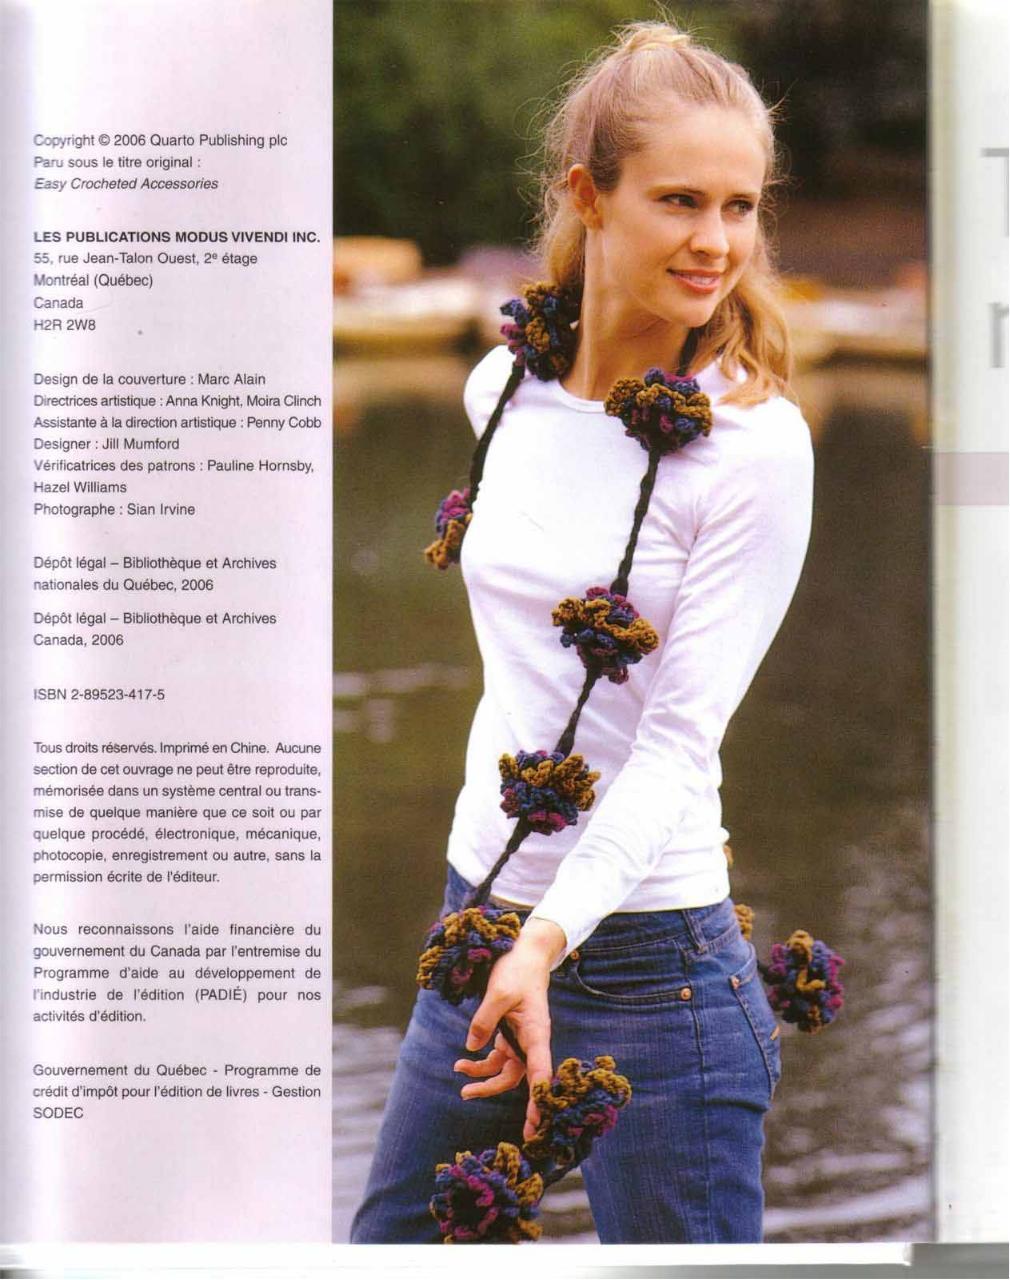 Aperçu Accessoires.En.Crochet.pdf - Page 4/125